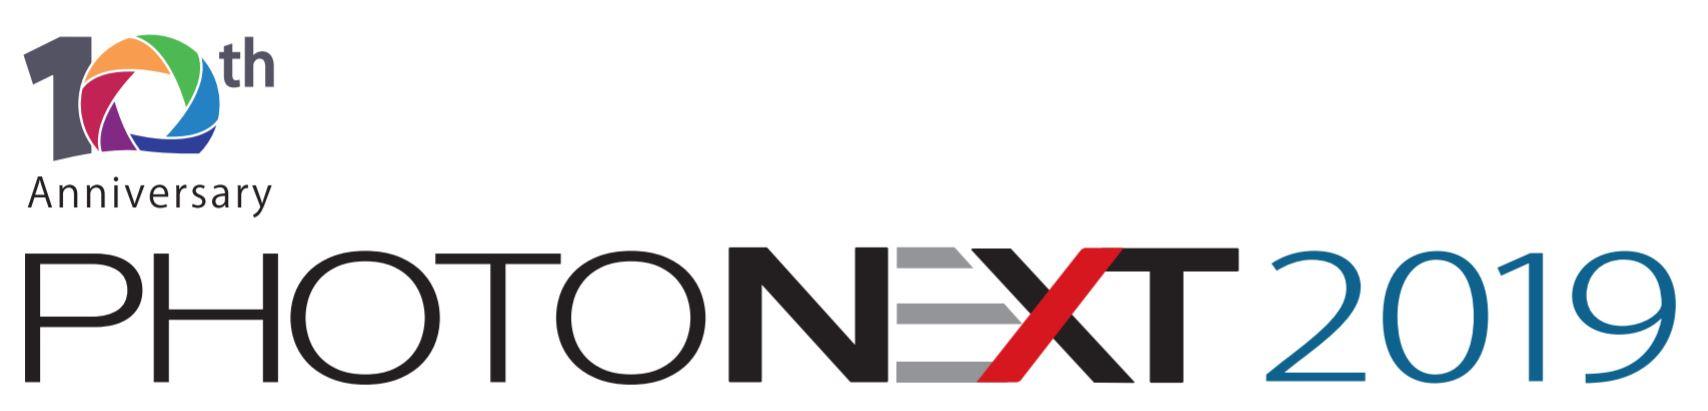 photonext2019